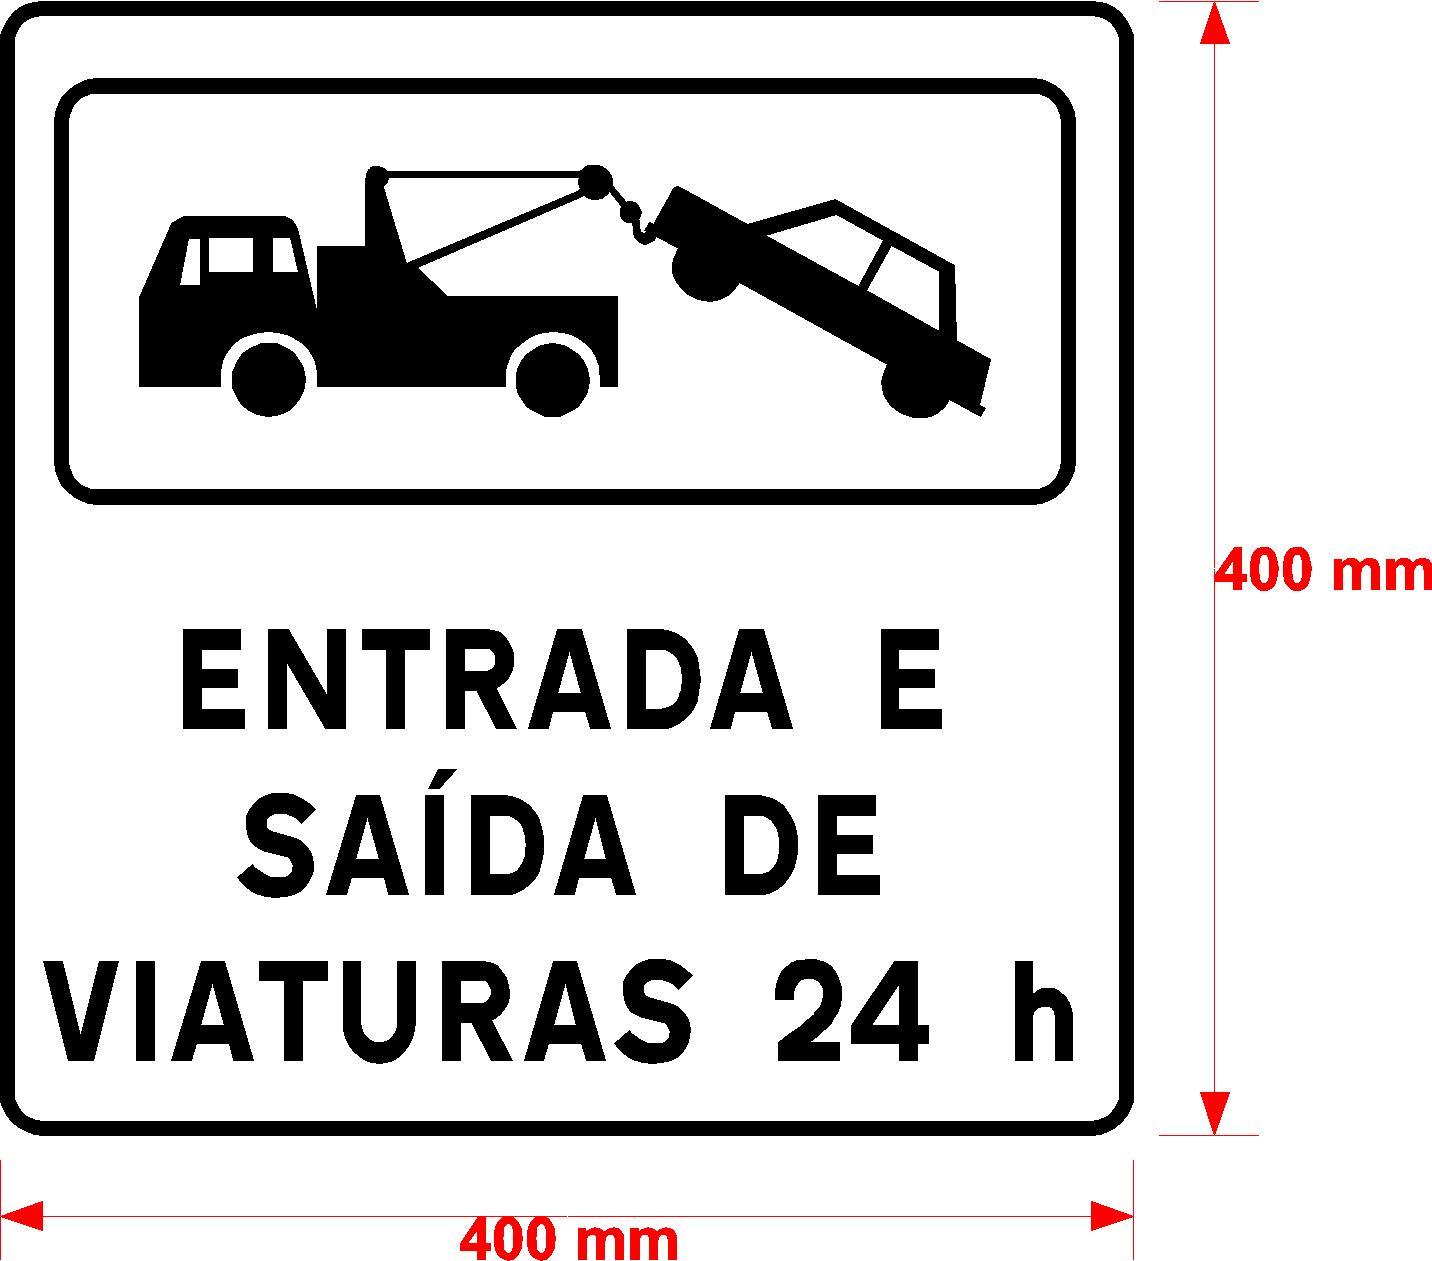 entrada-e-saida-viaturas24h-400